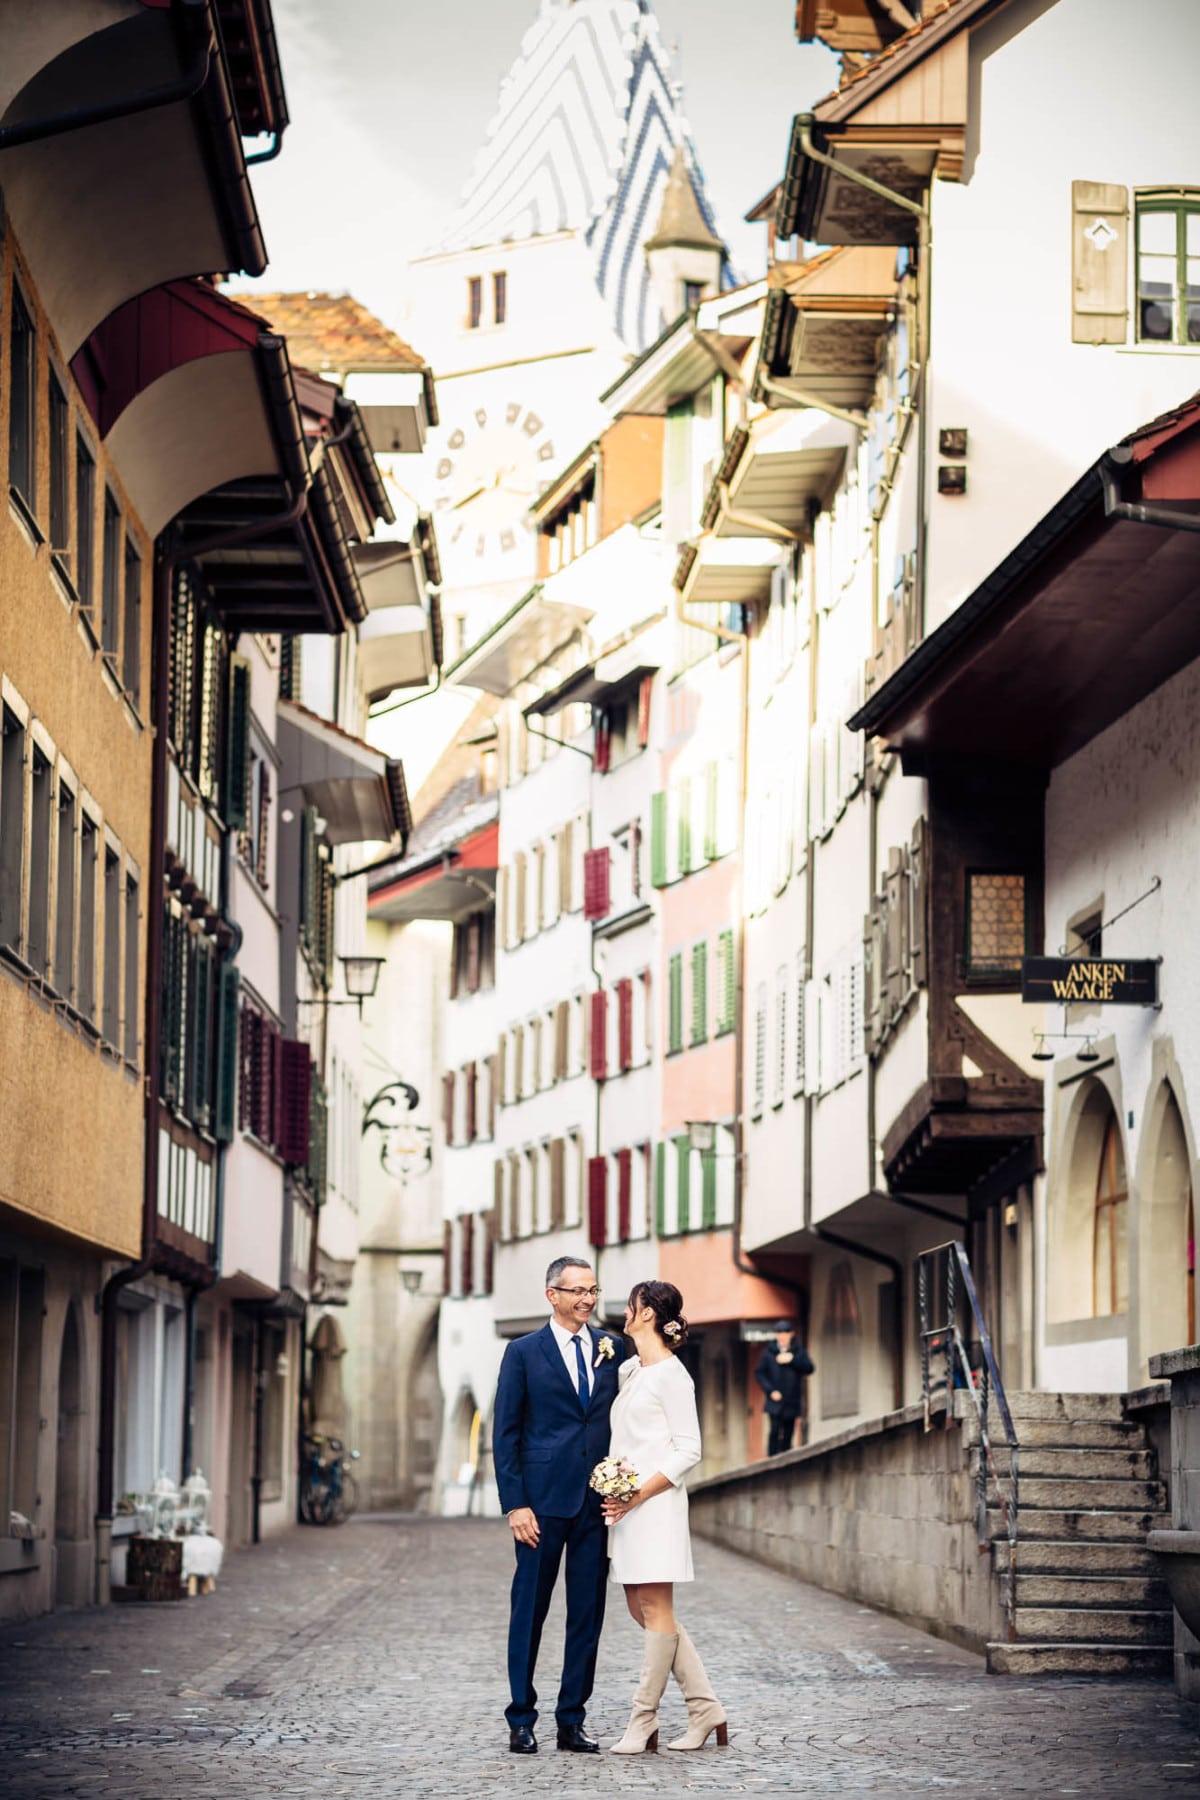 Brautpaar in der Altstadt von Zug